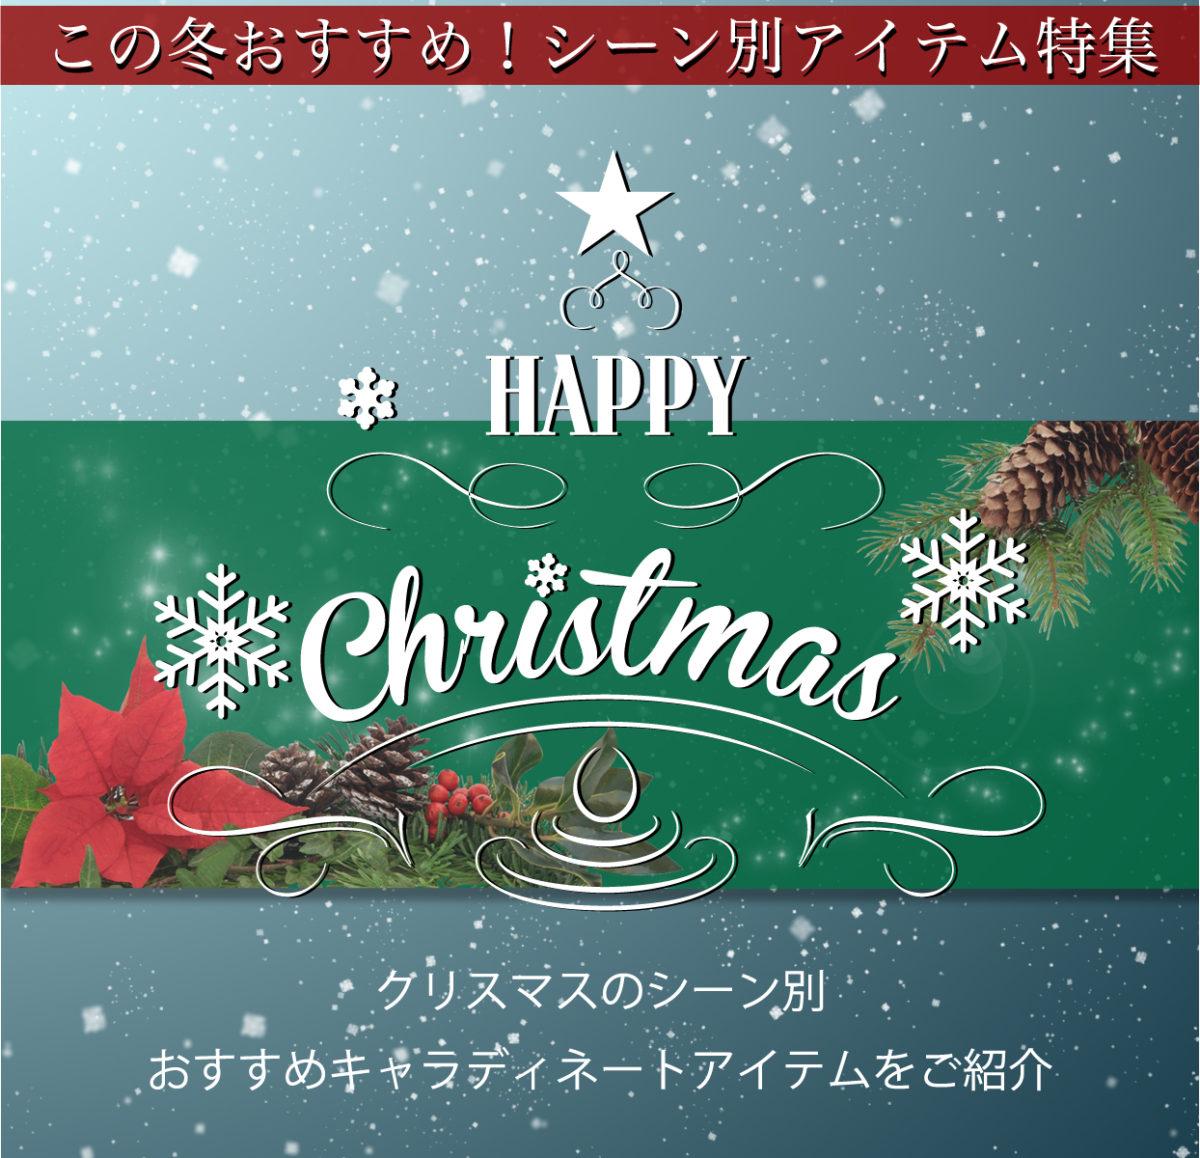 シーン別!クリスマスアイテム特集